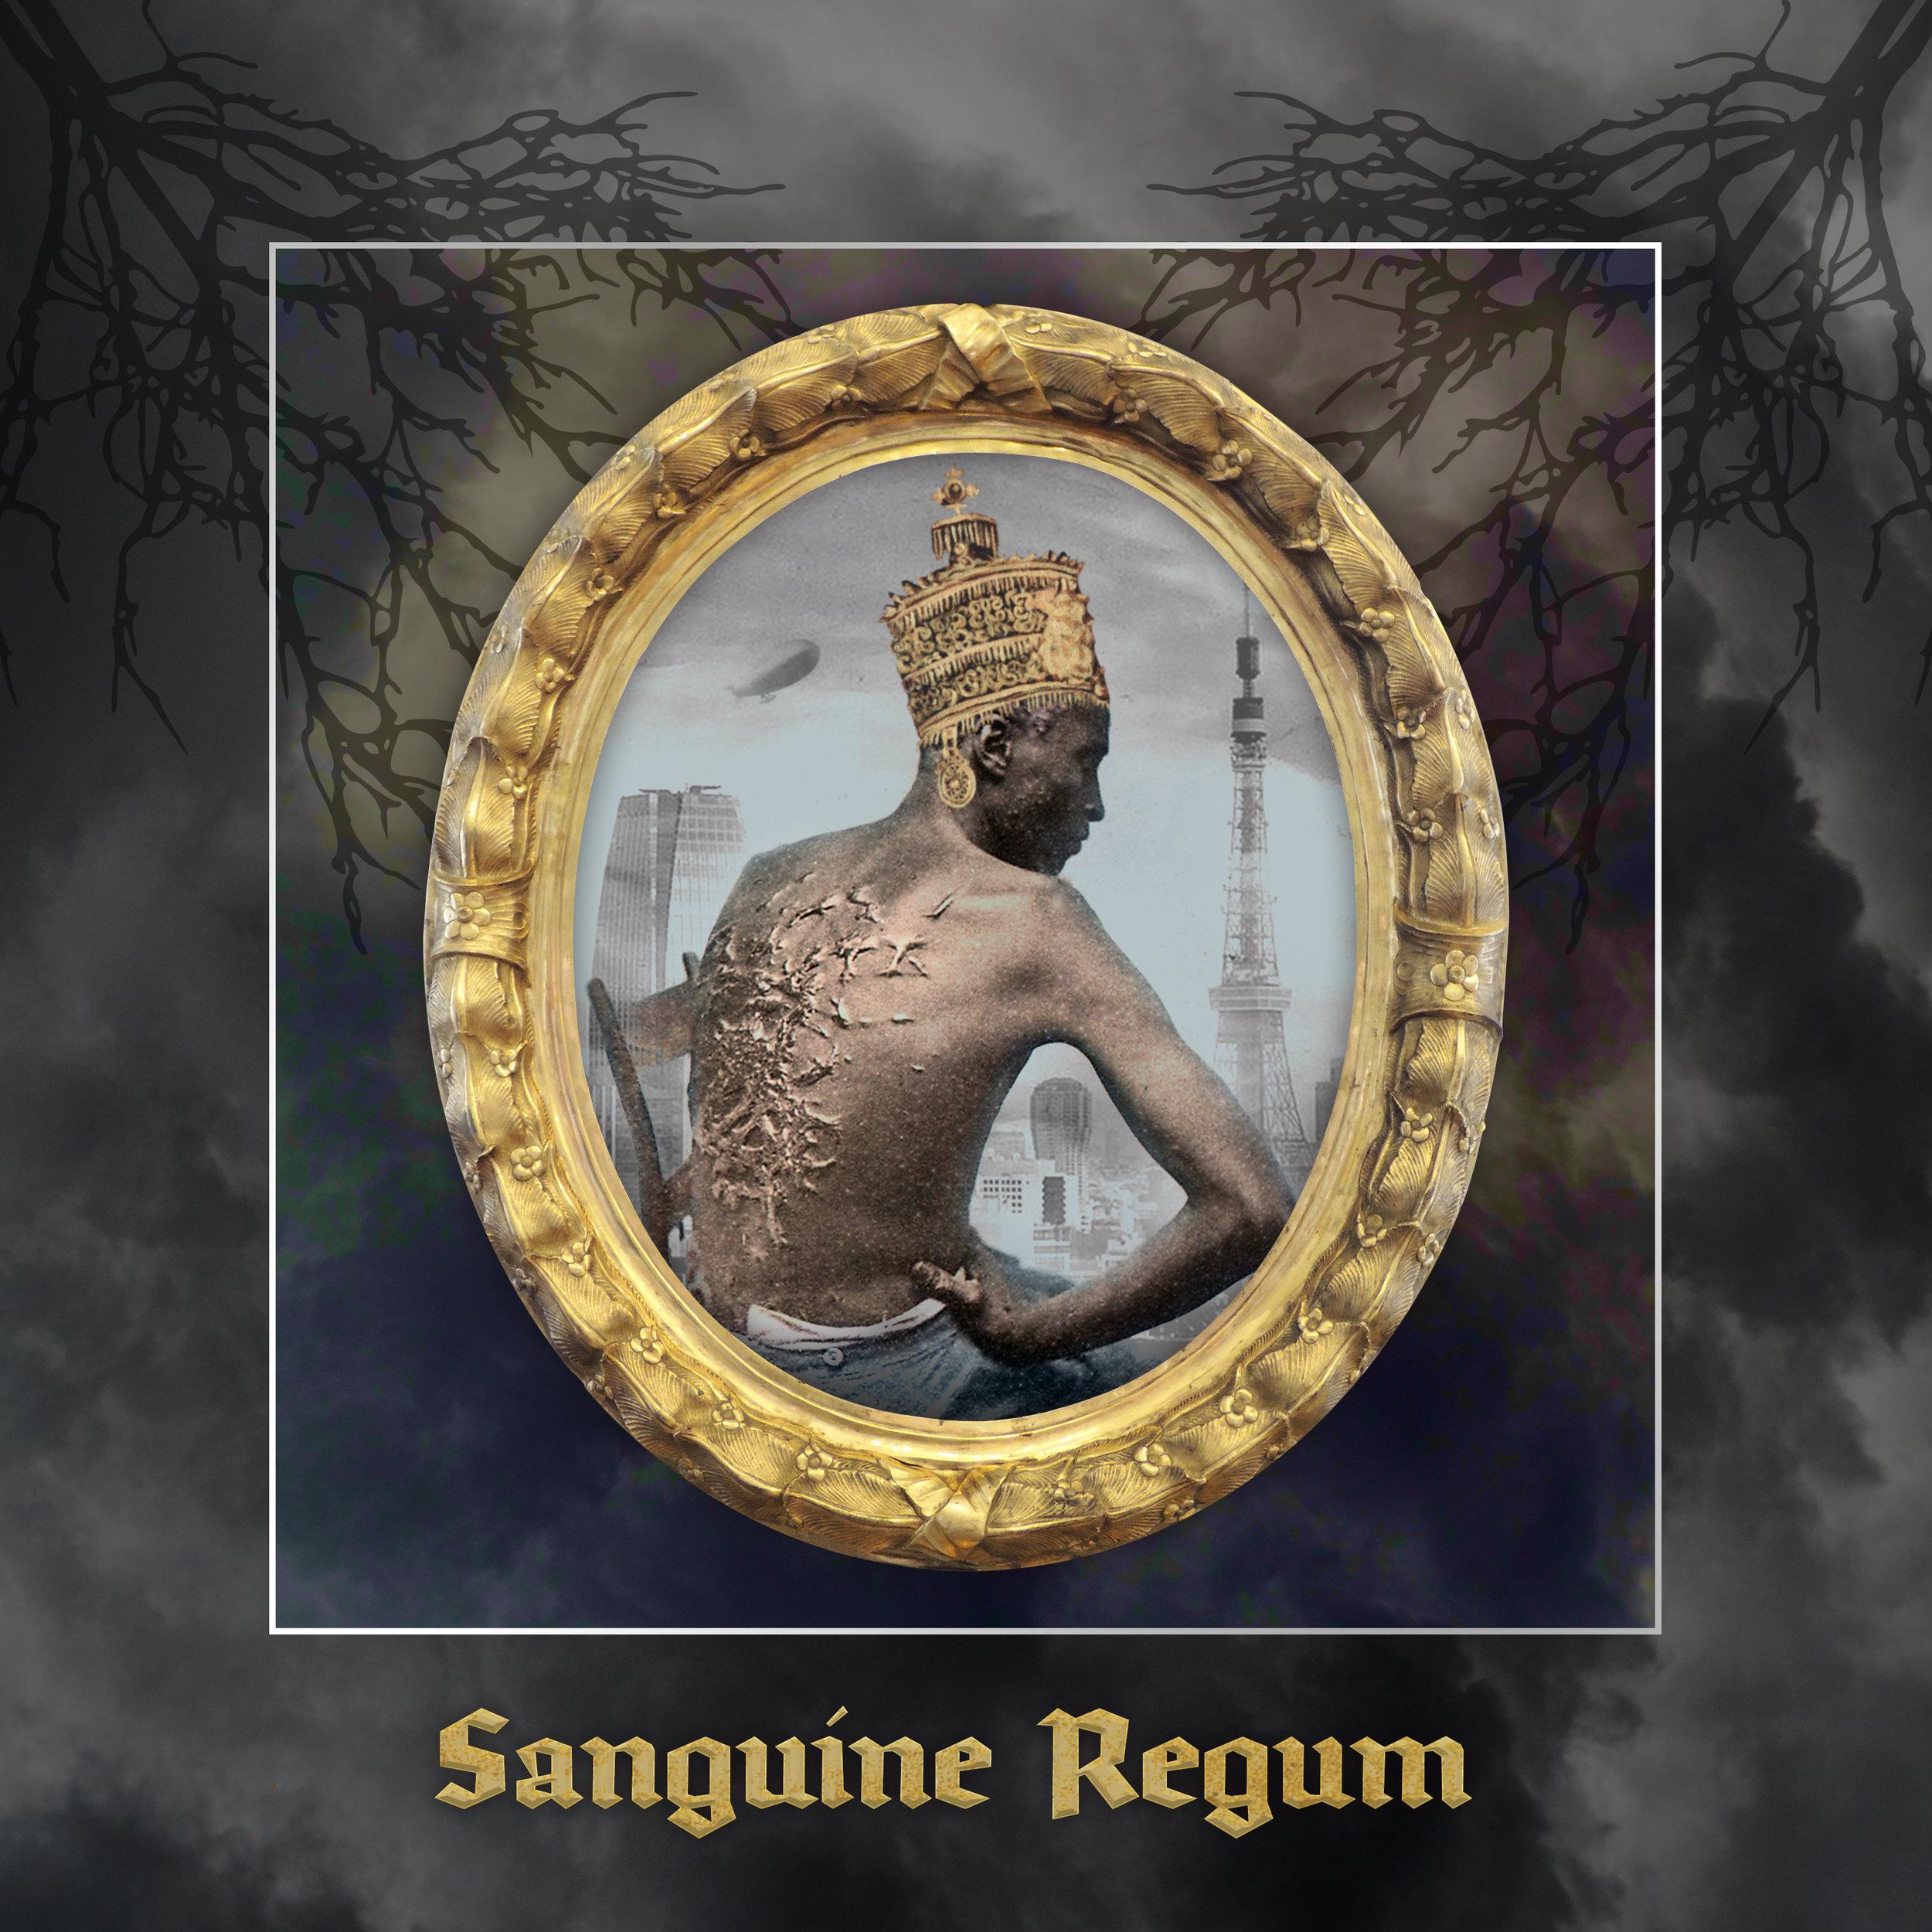 Sanguine Regum_front-cover THIS ONEjpg.jpg